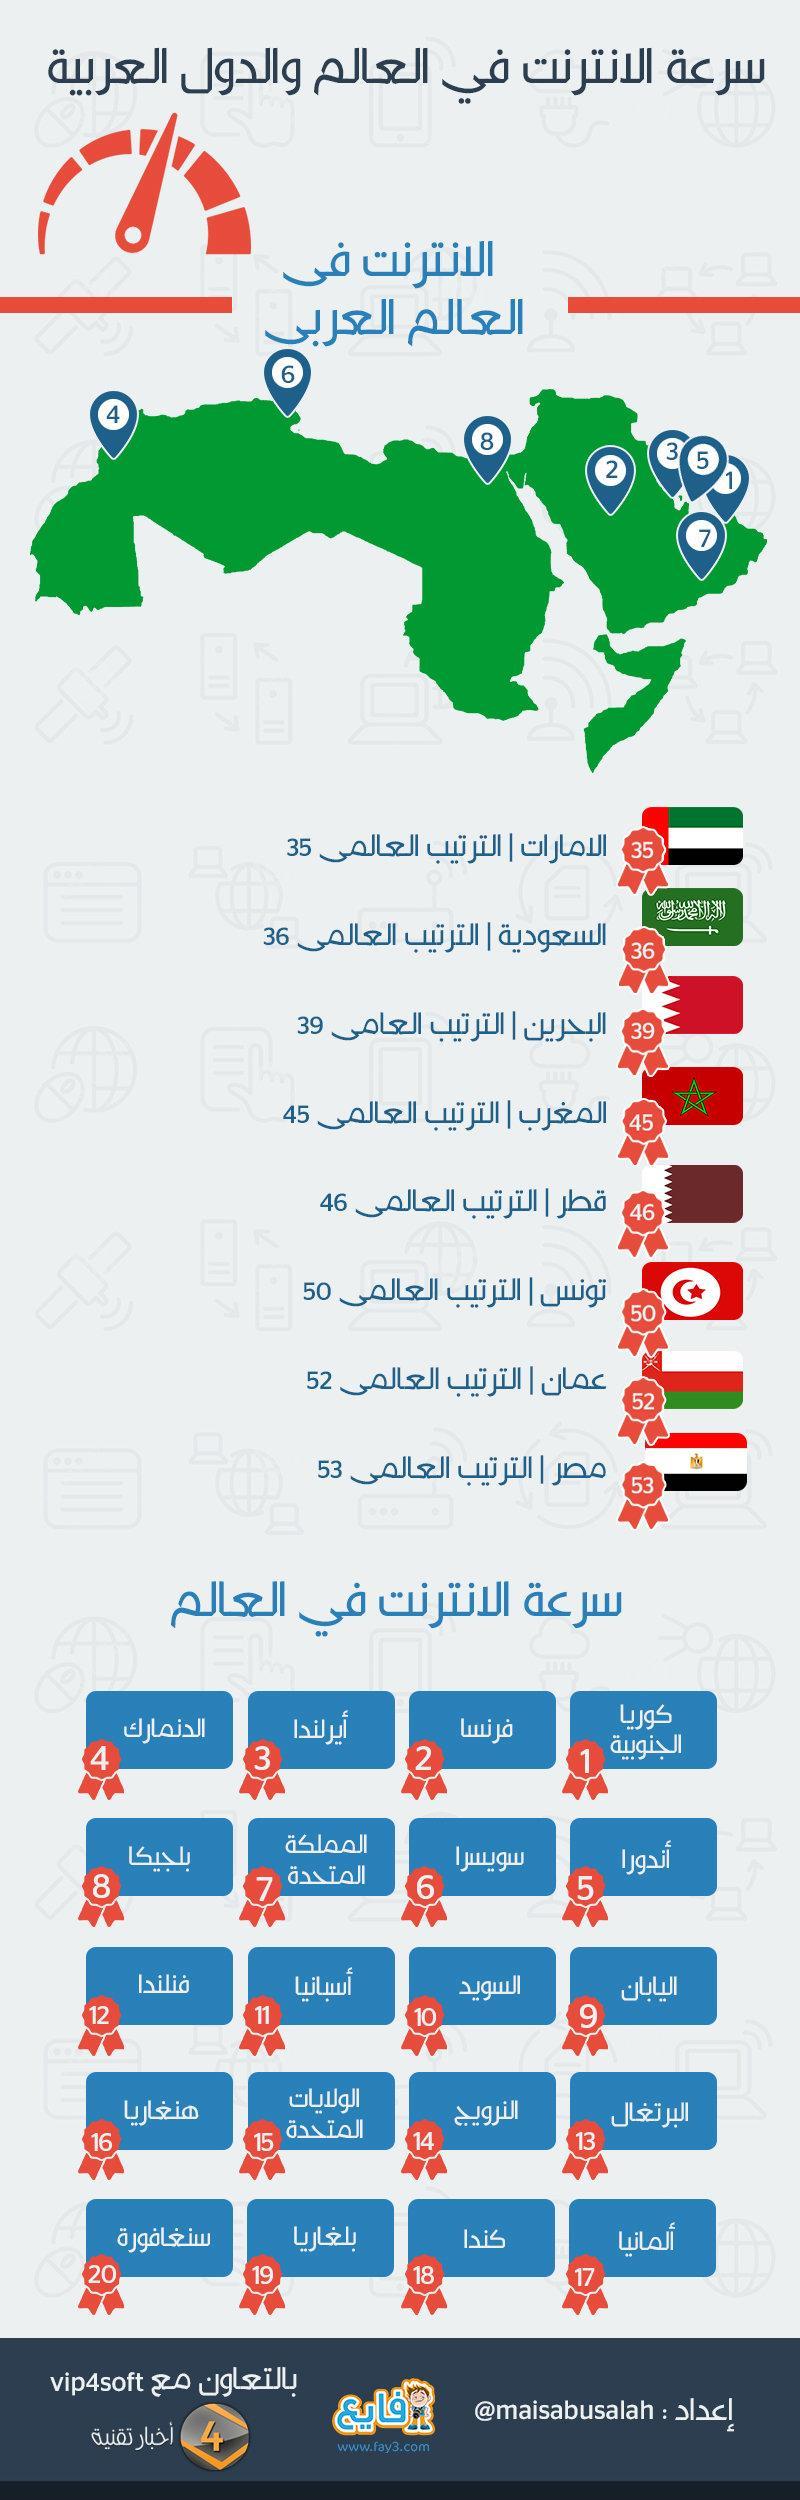 سرعة الإنترنت في الدول العربية #انفوجرافيك